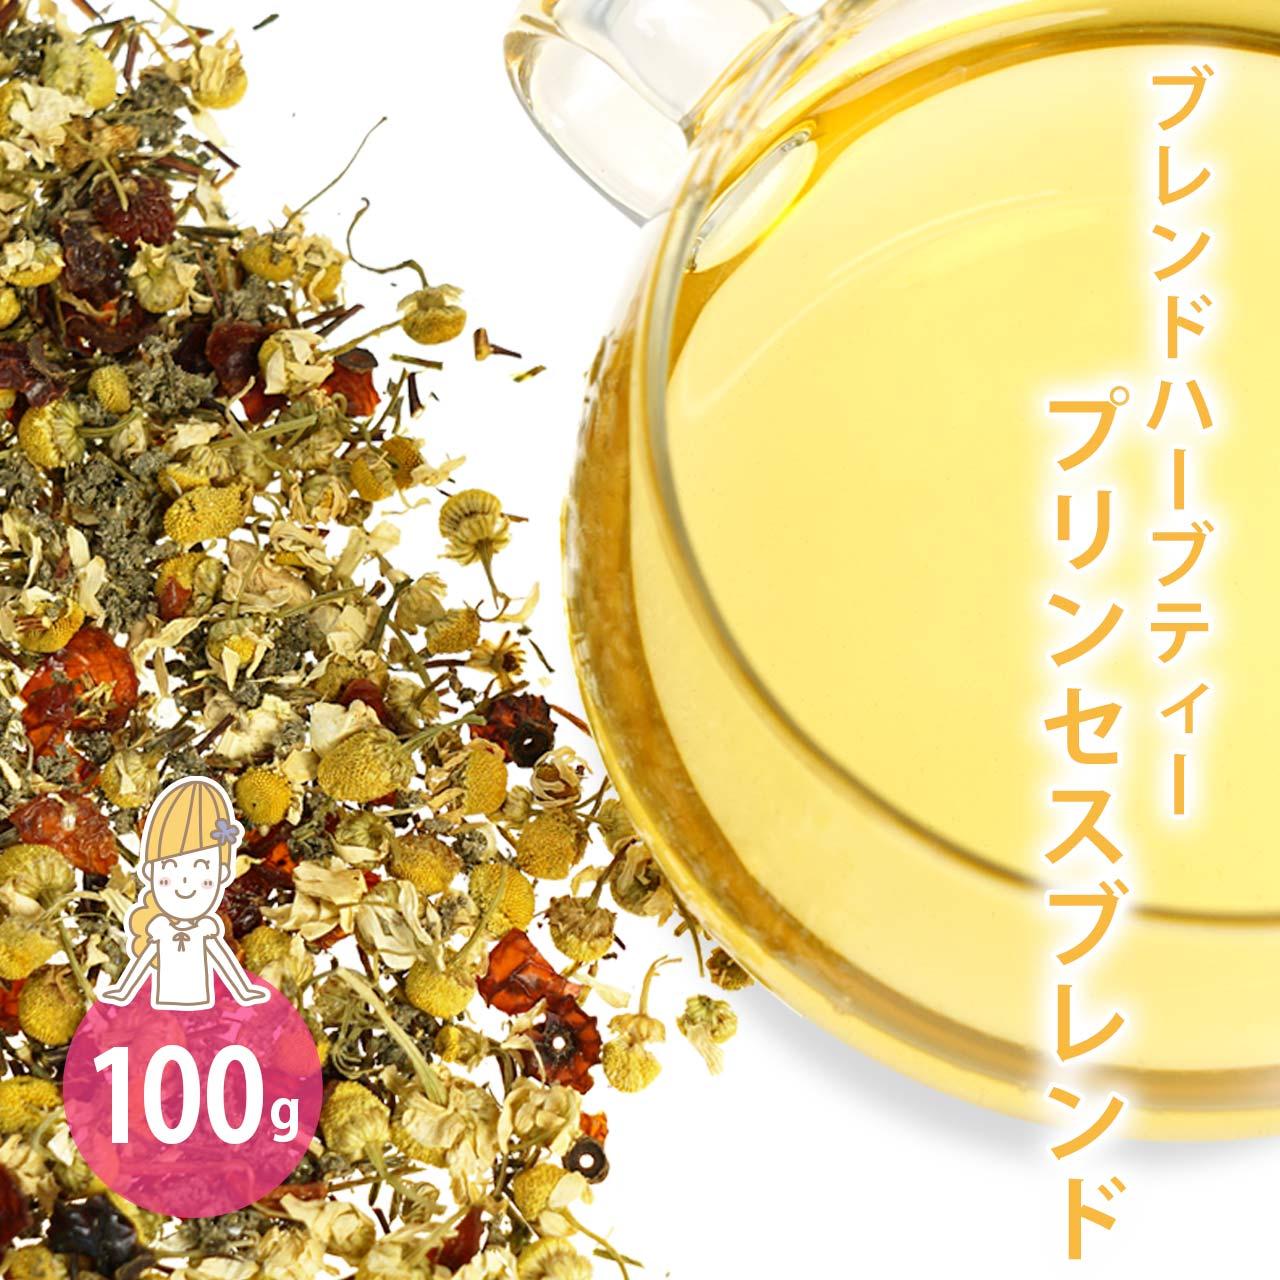 オリジナルブレンドハーブティー プリンセスブレンド 100g 【ポストお届け可】